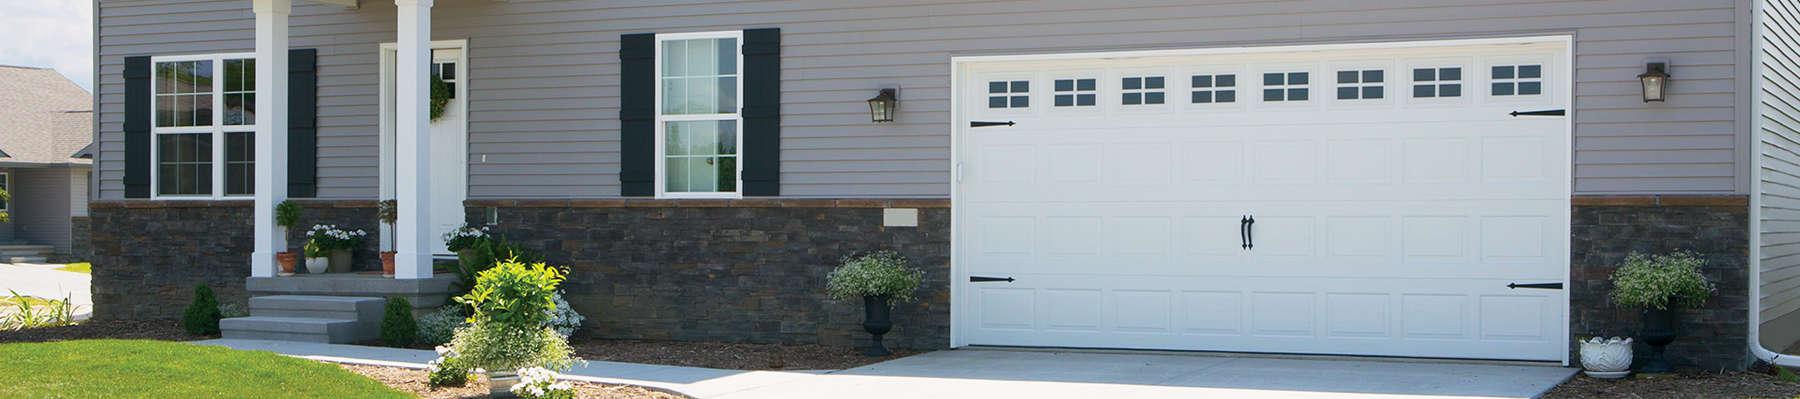 home with double garage door